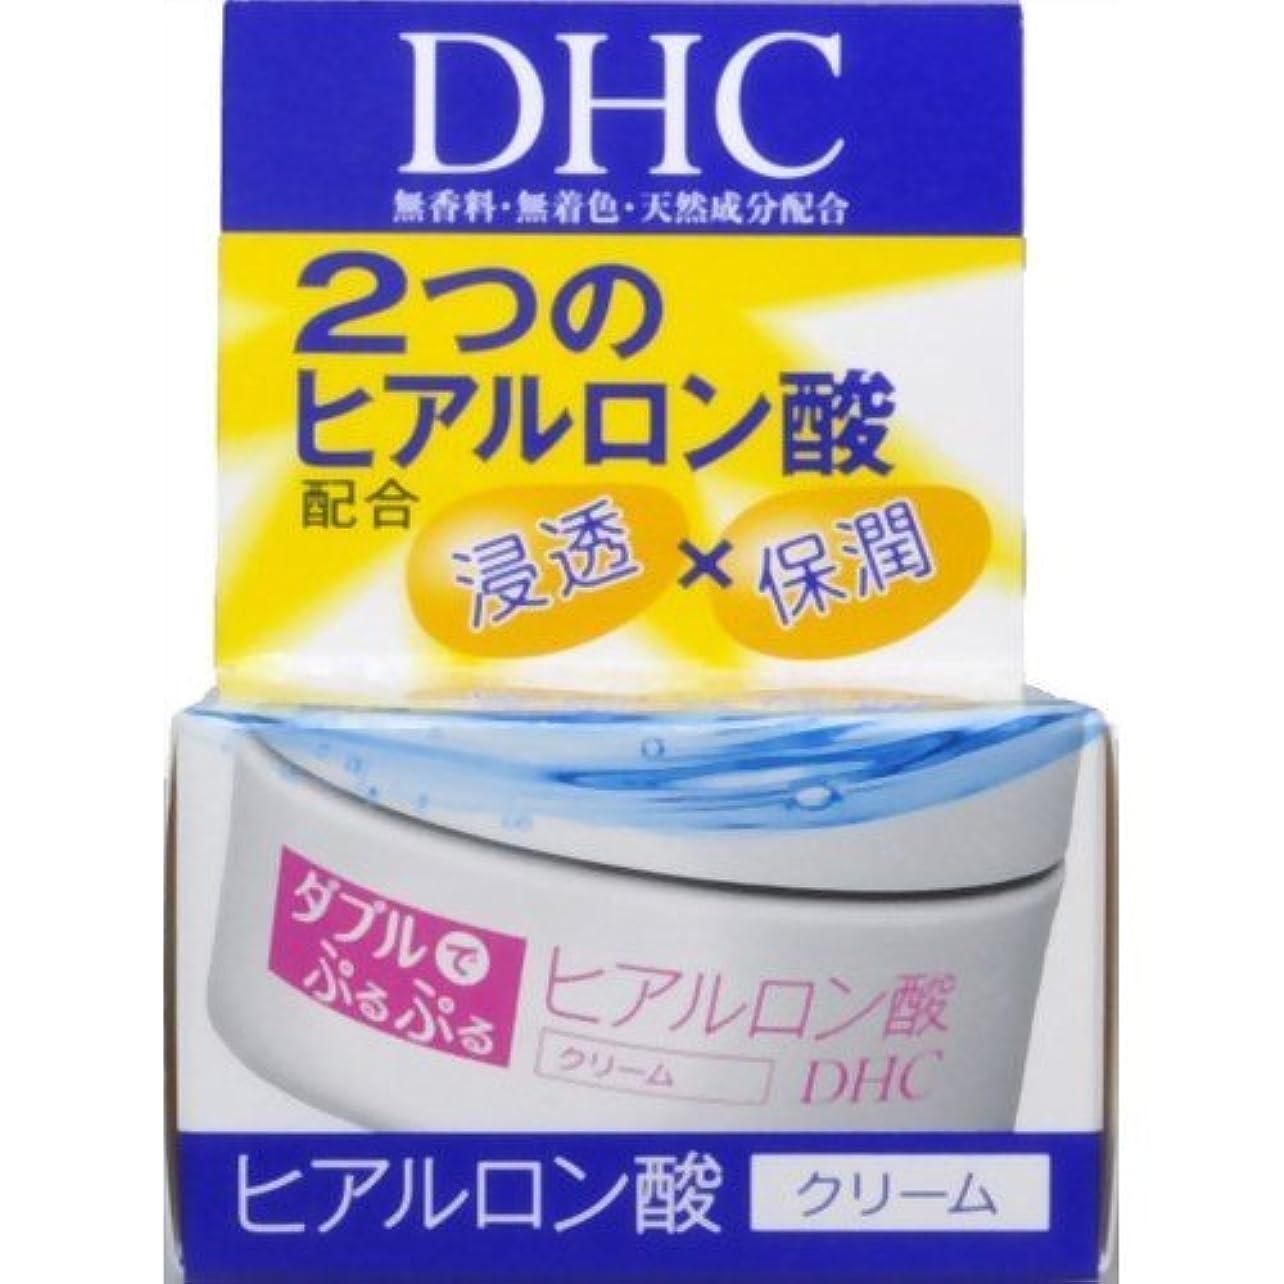 エレガント迅速矩形DHC ダブルモイスチュアクリーム 50g